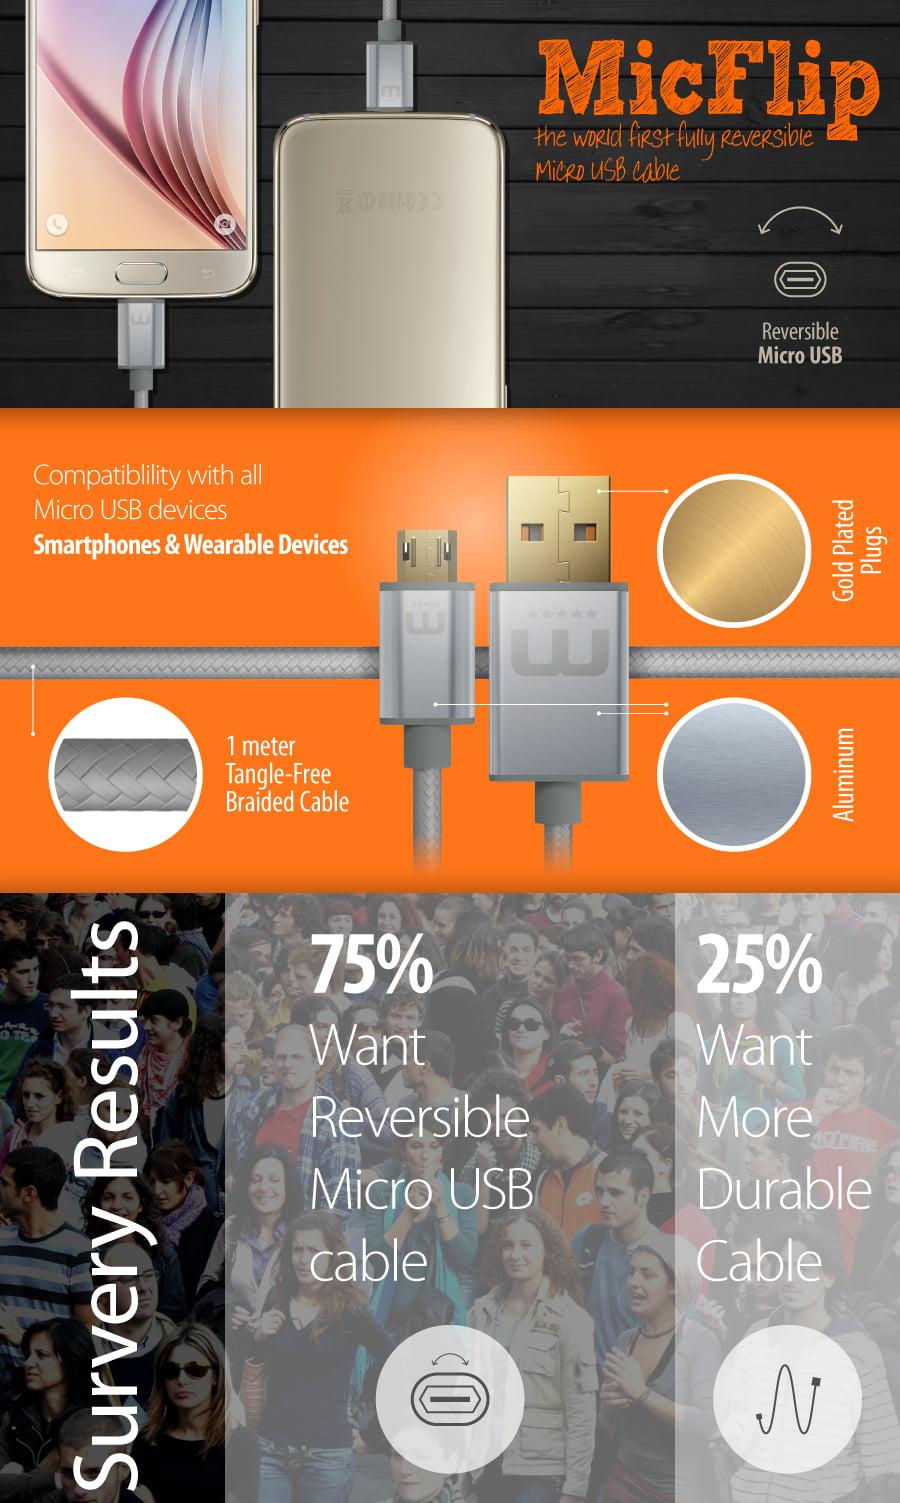 infographie-micflip Test : MicFlip, le premier câble micro-USB réversible... enfin !